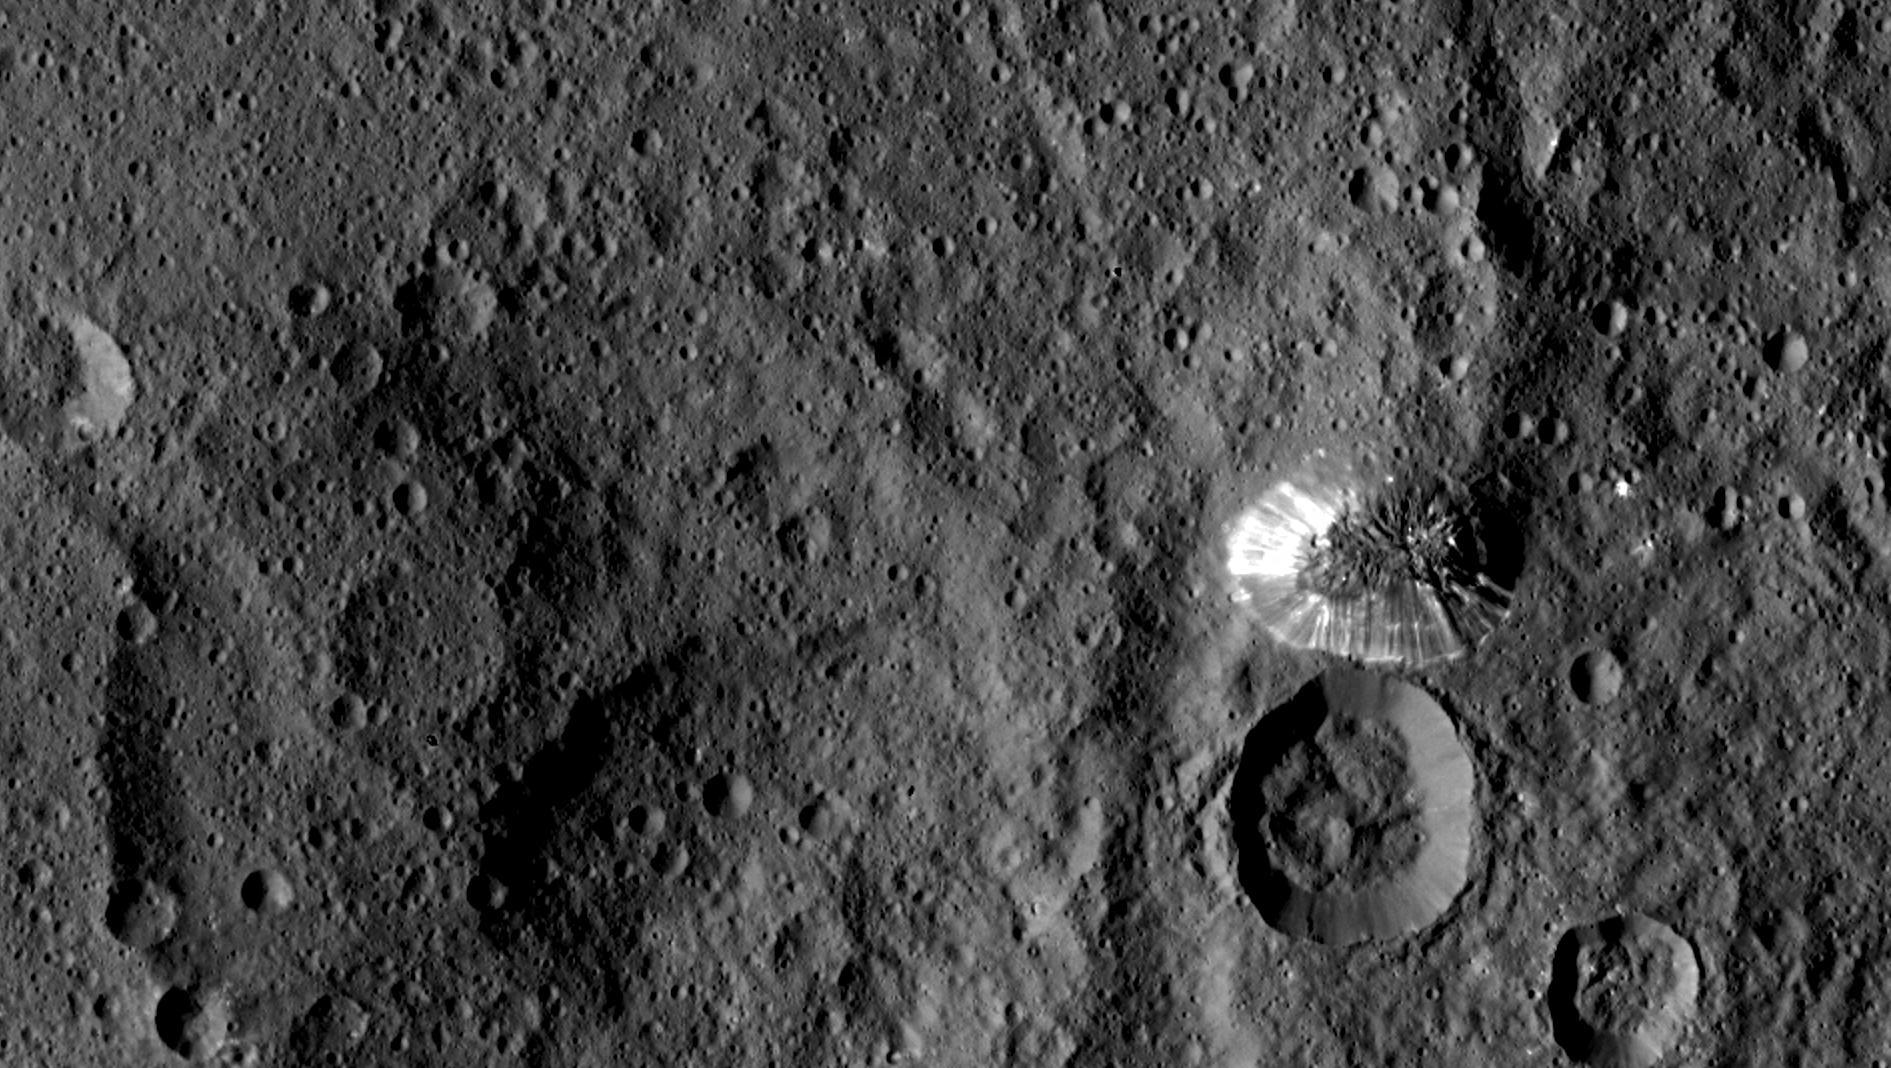 Fonte. NASA/JPL-Caltech/UCLA/MPS/DLR/IDA